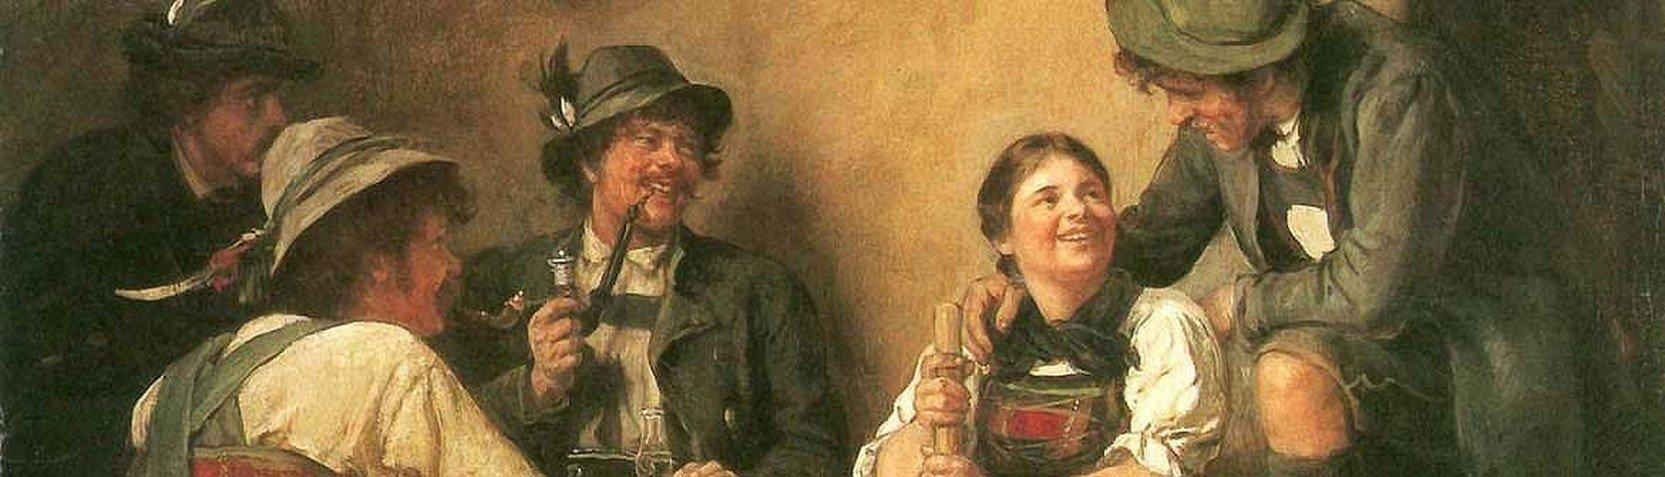 Artistes - Franz von Defregger